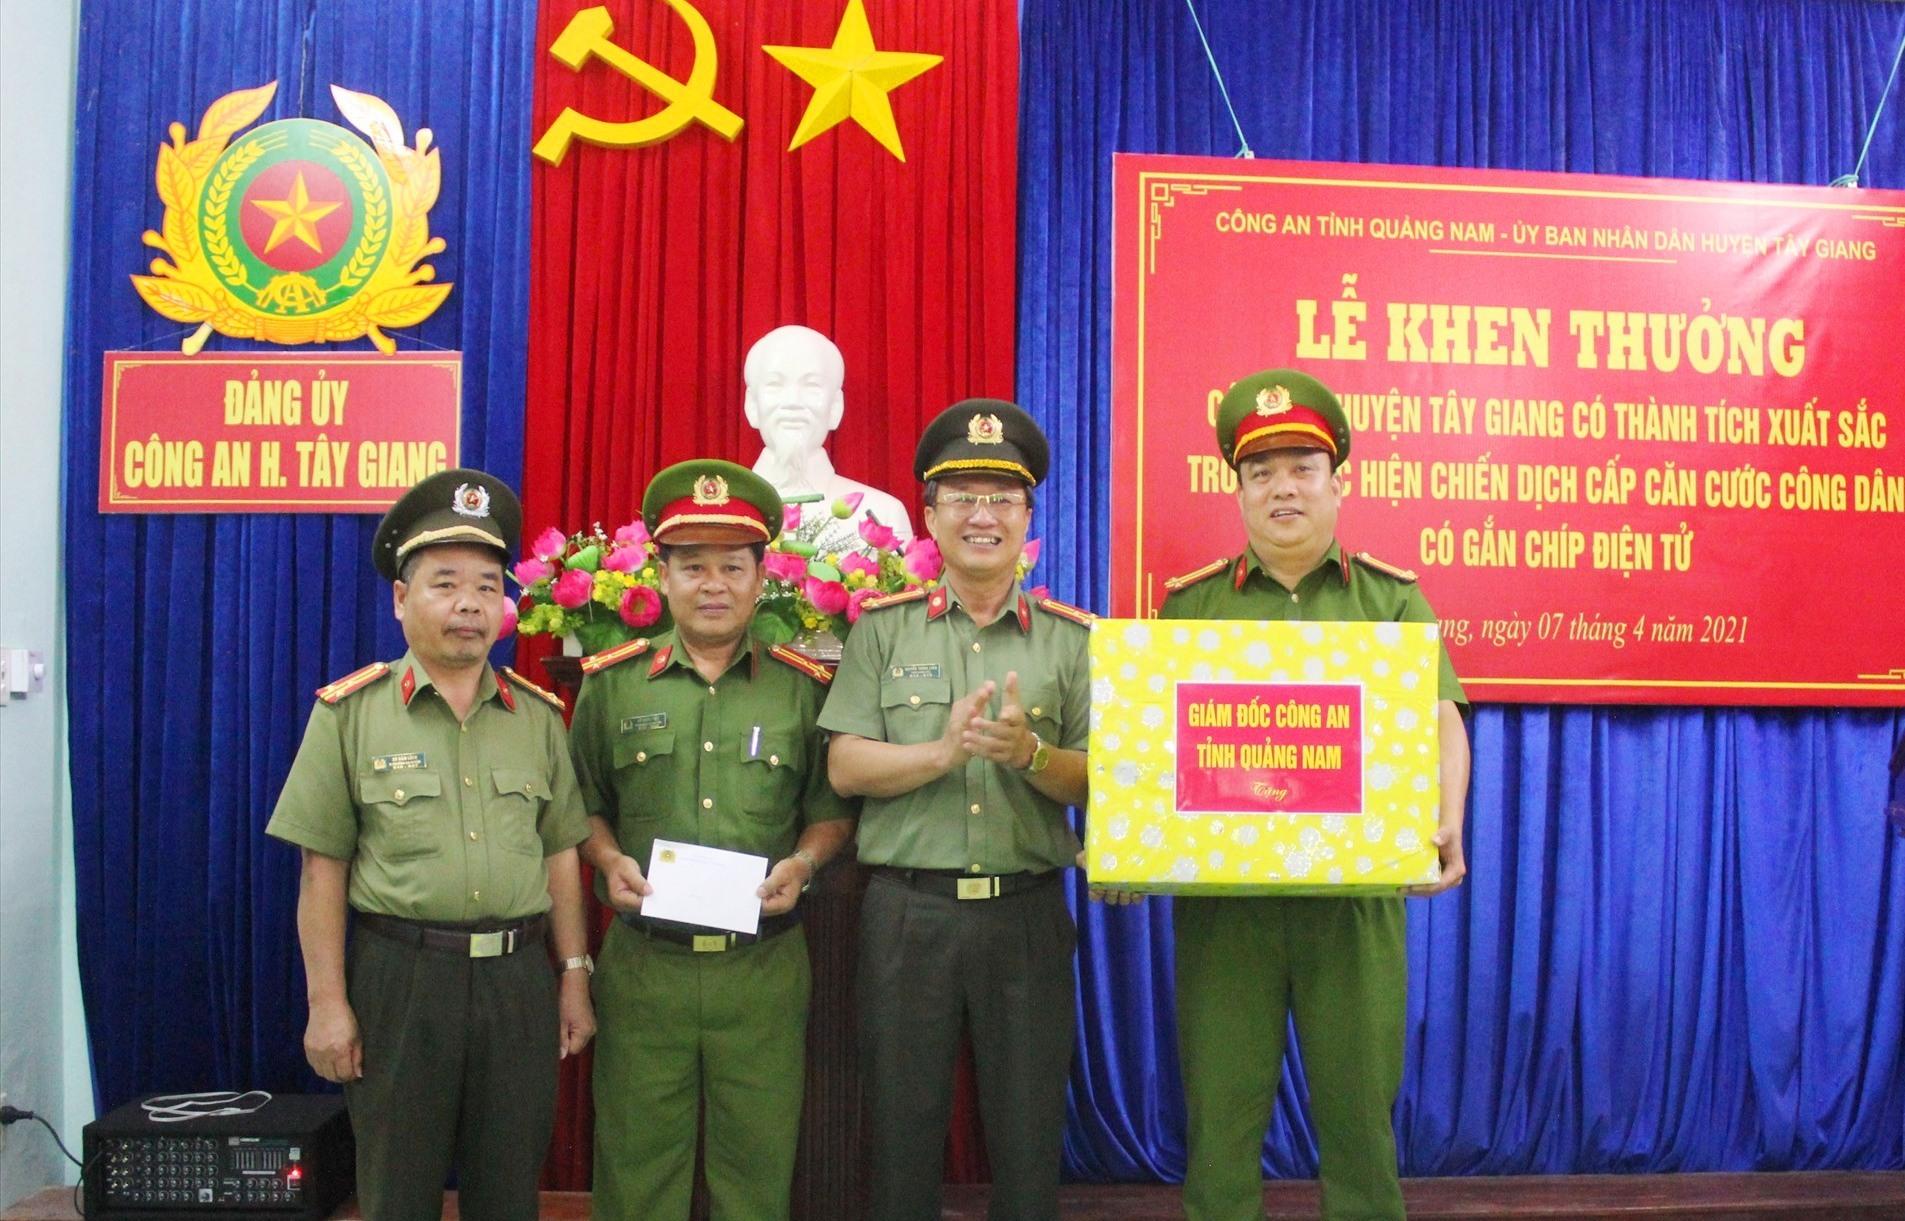 Thượng tá Nguyễn Thành Long, Phó Giám đốc Công an tỉnh tặng quà động viên các chiến sĩ Công an huyện Tây Giang.